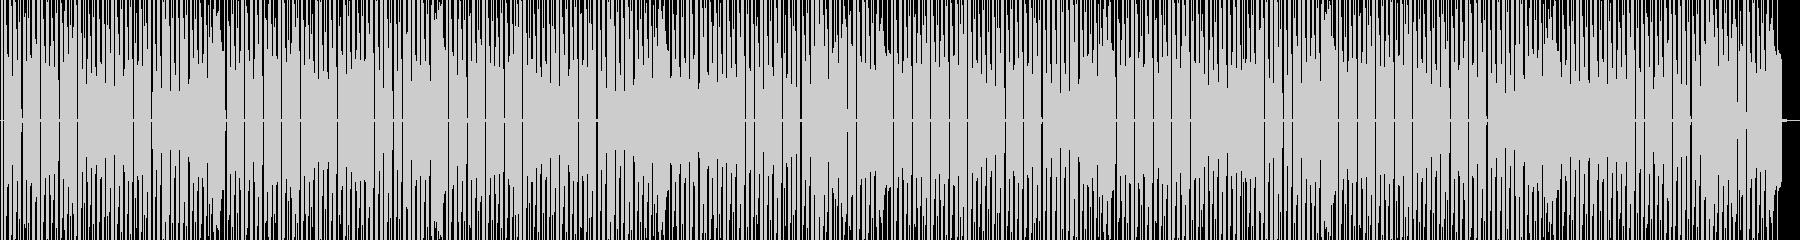 ファミコンブルース進行ステージ曲の未再生の波形